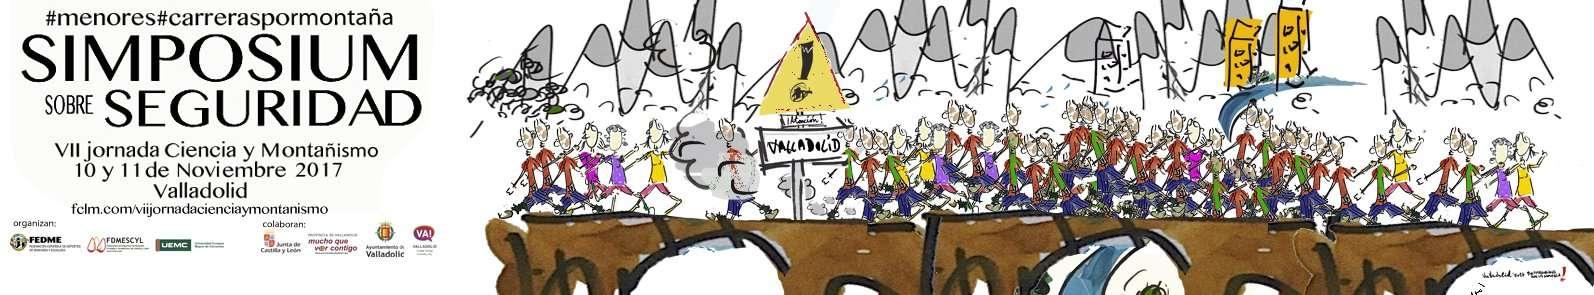 baner simposium sobre seguridad ciencia y montañismo